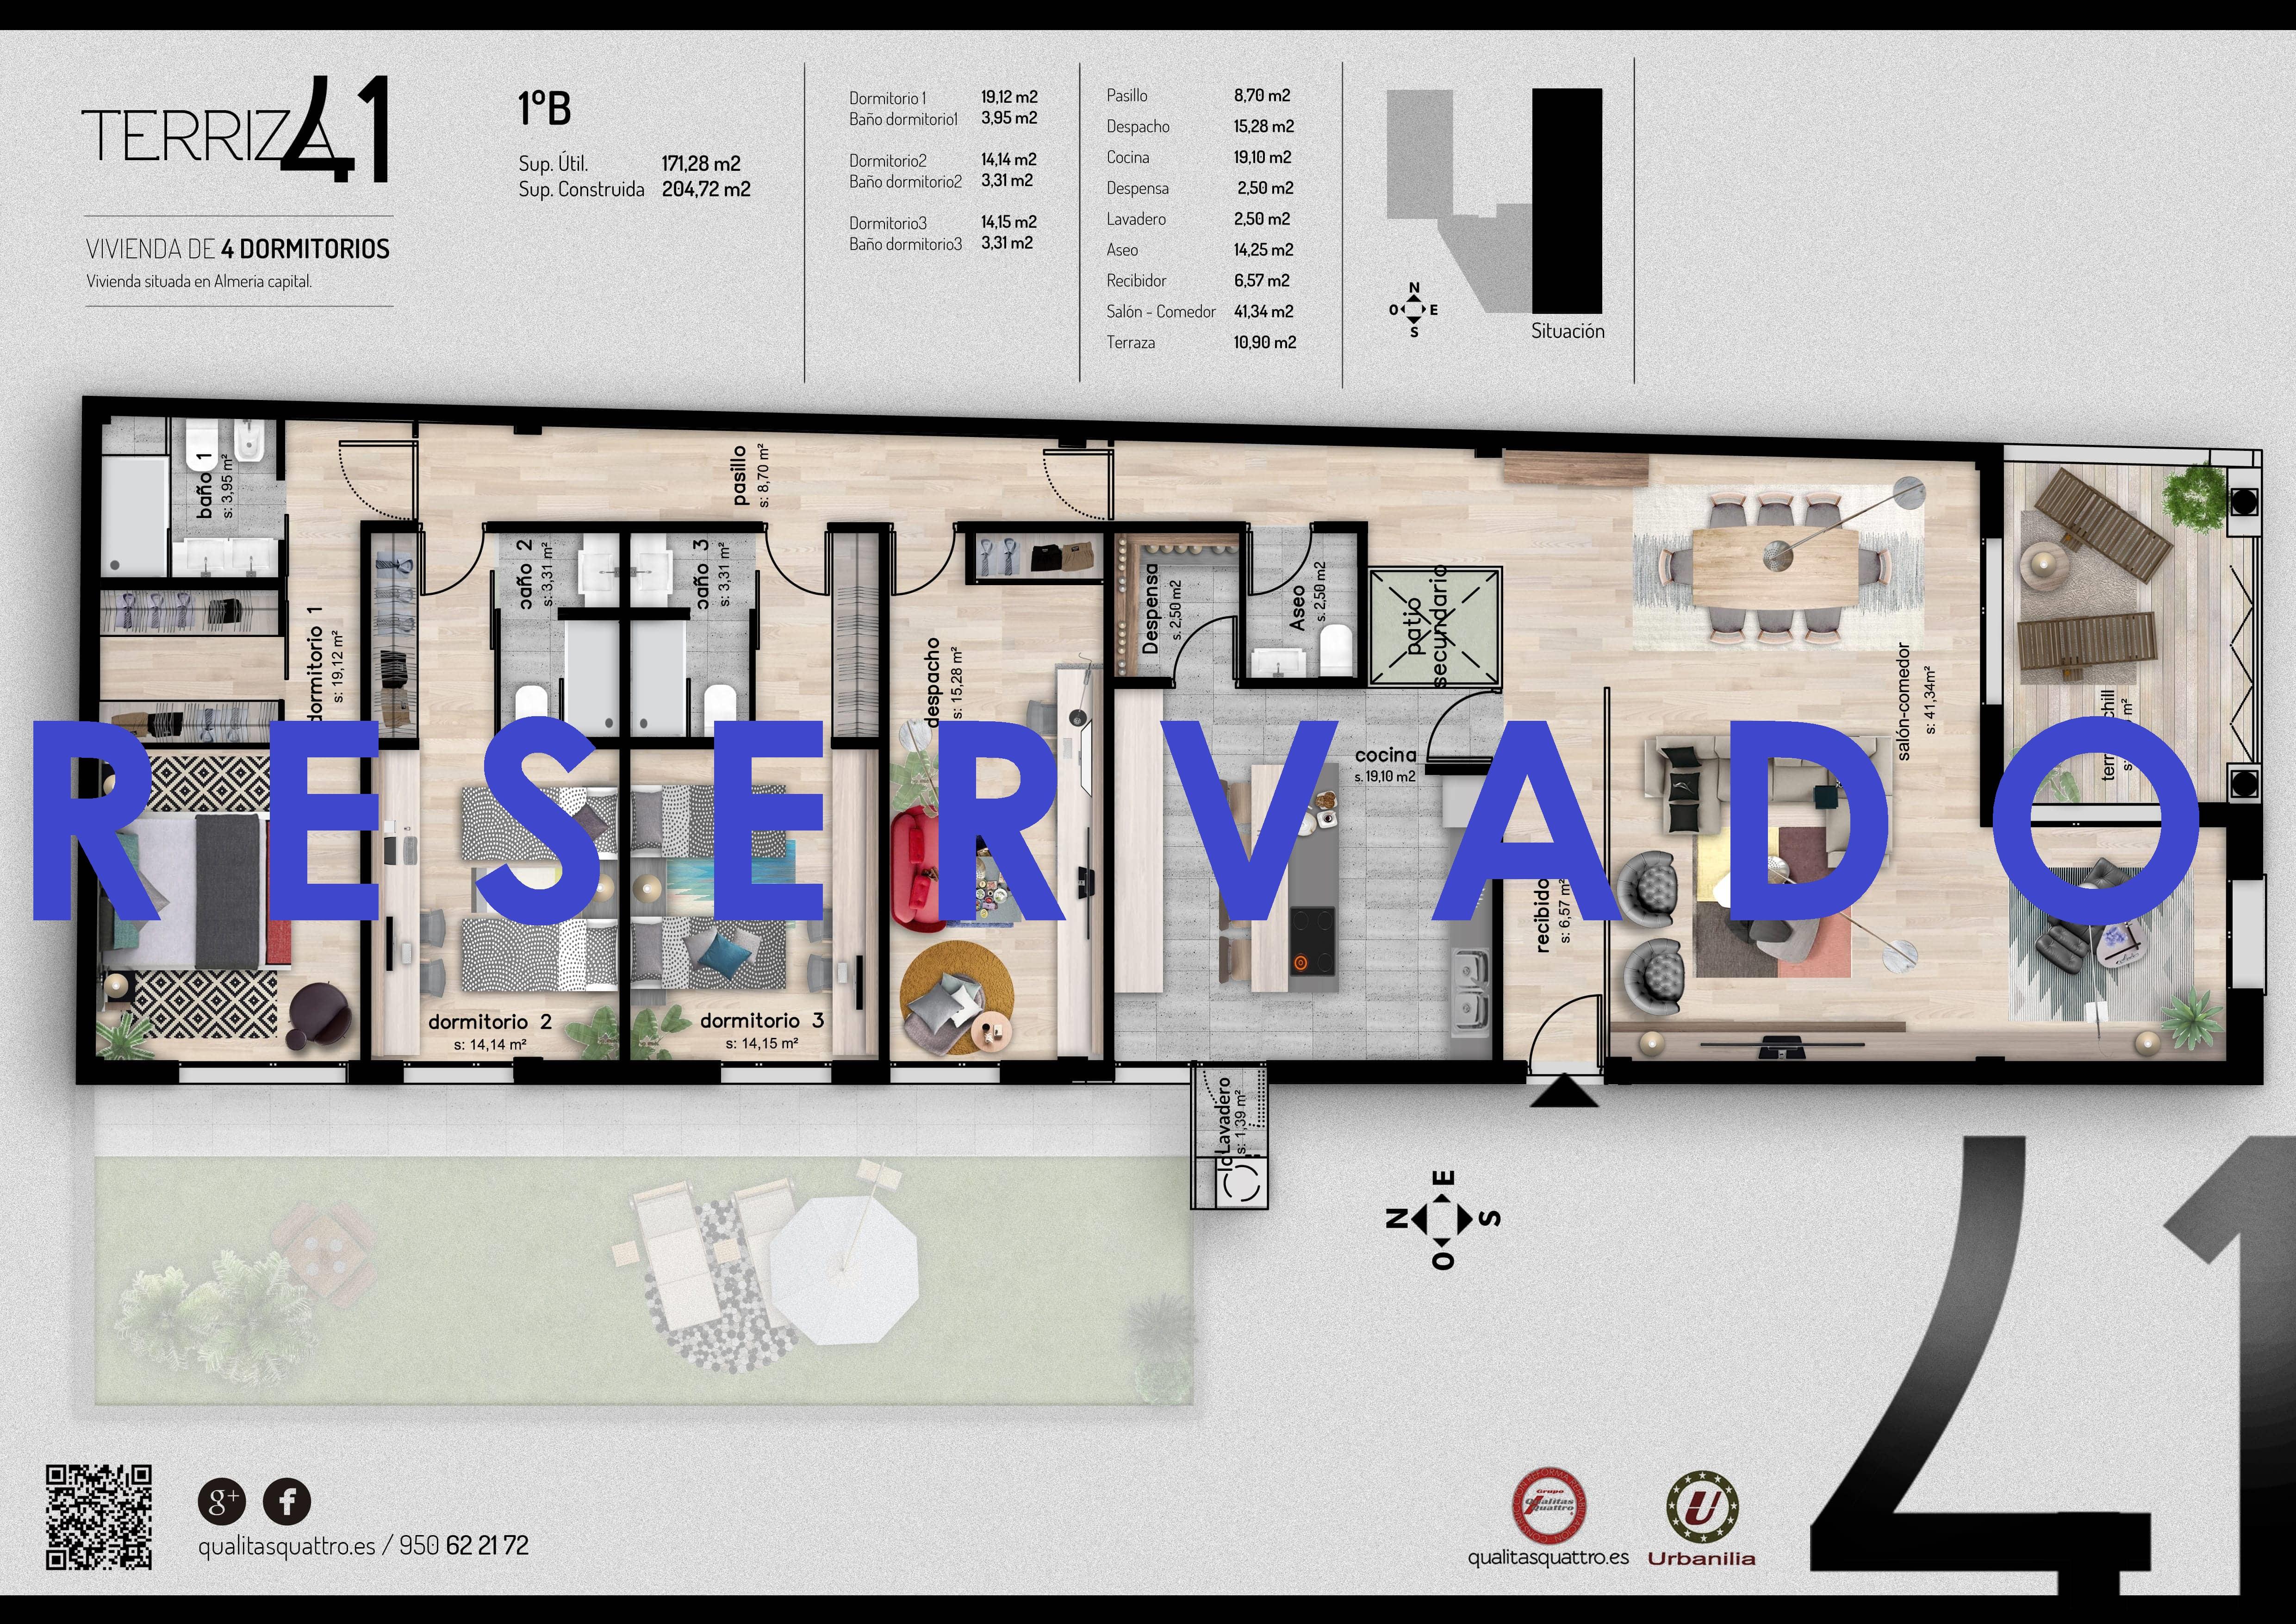 PRIMERO B VIVIENDA 204 m2 RESERVADO